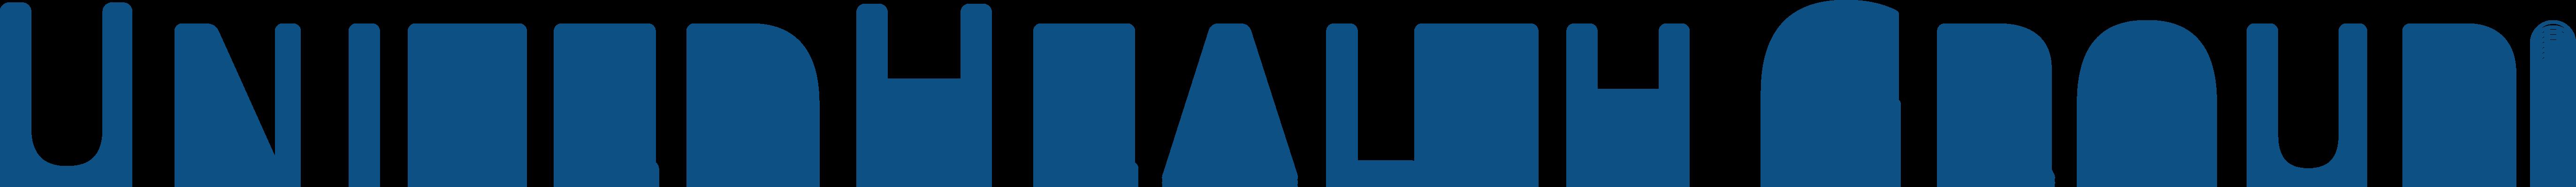 uhg logo